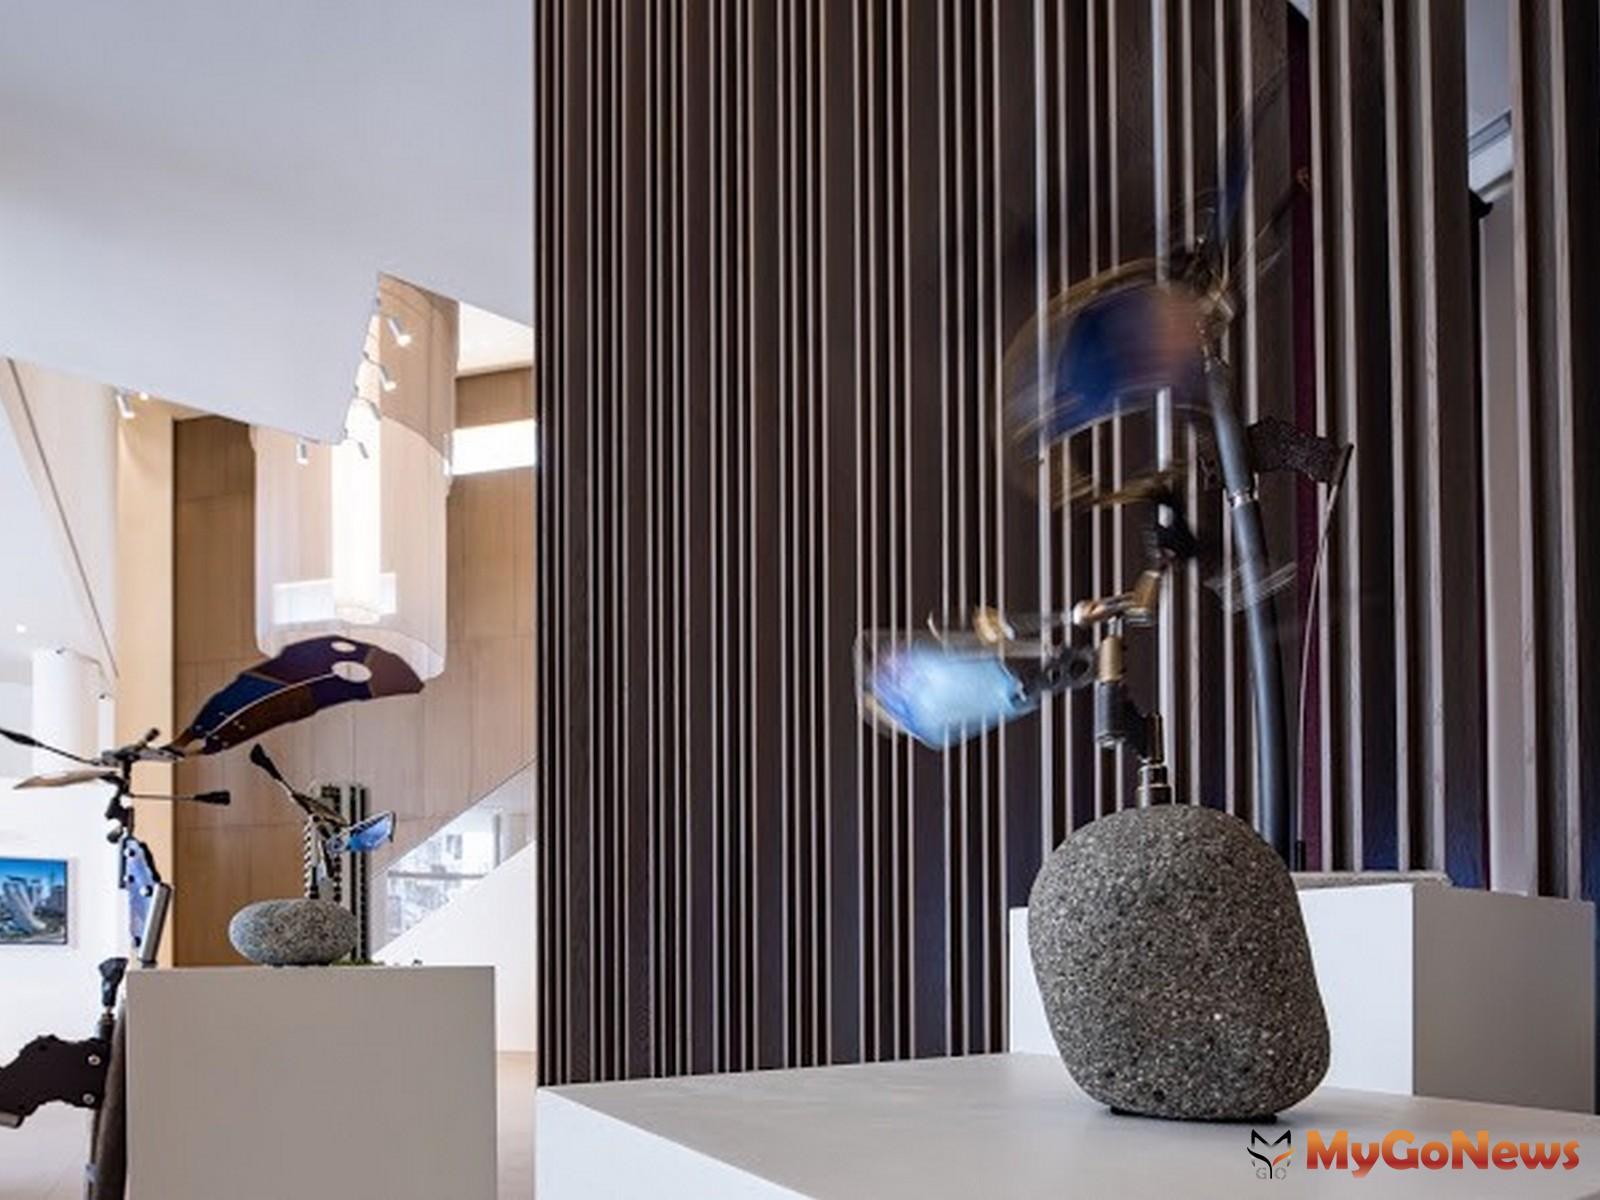 日本藝術家大隅秀雄以 「捕捉來自內心的風」為靈感 ,將眾多元素的金屬件裝置出輕盈飛(圖/業者提供) MyGoNews房地產新聞 熱銷推案